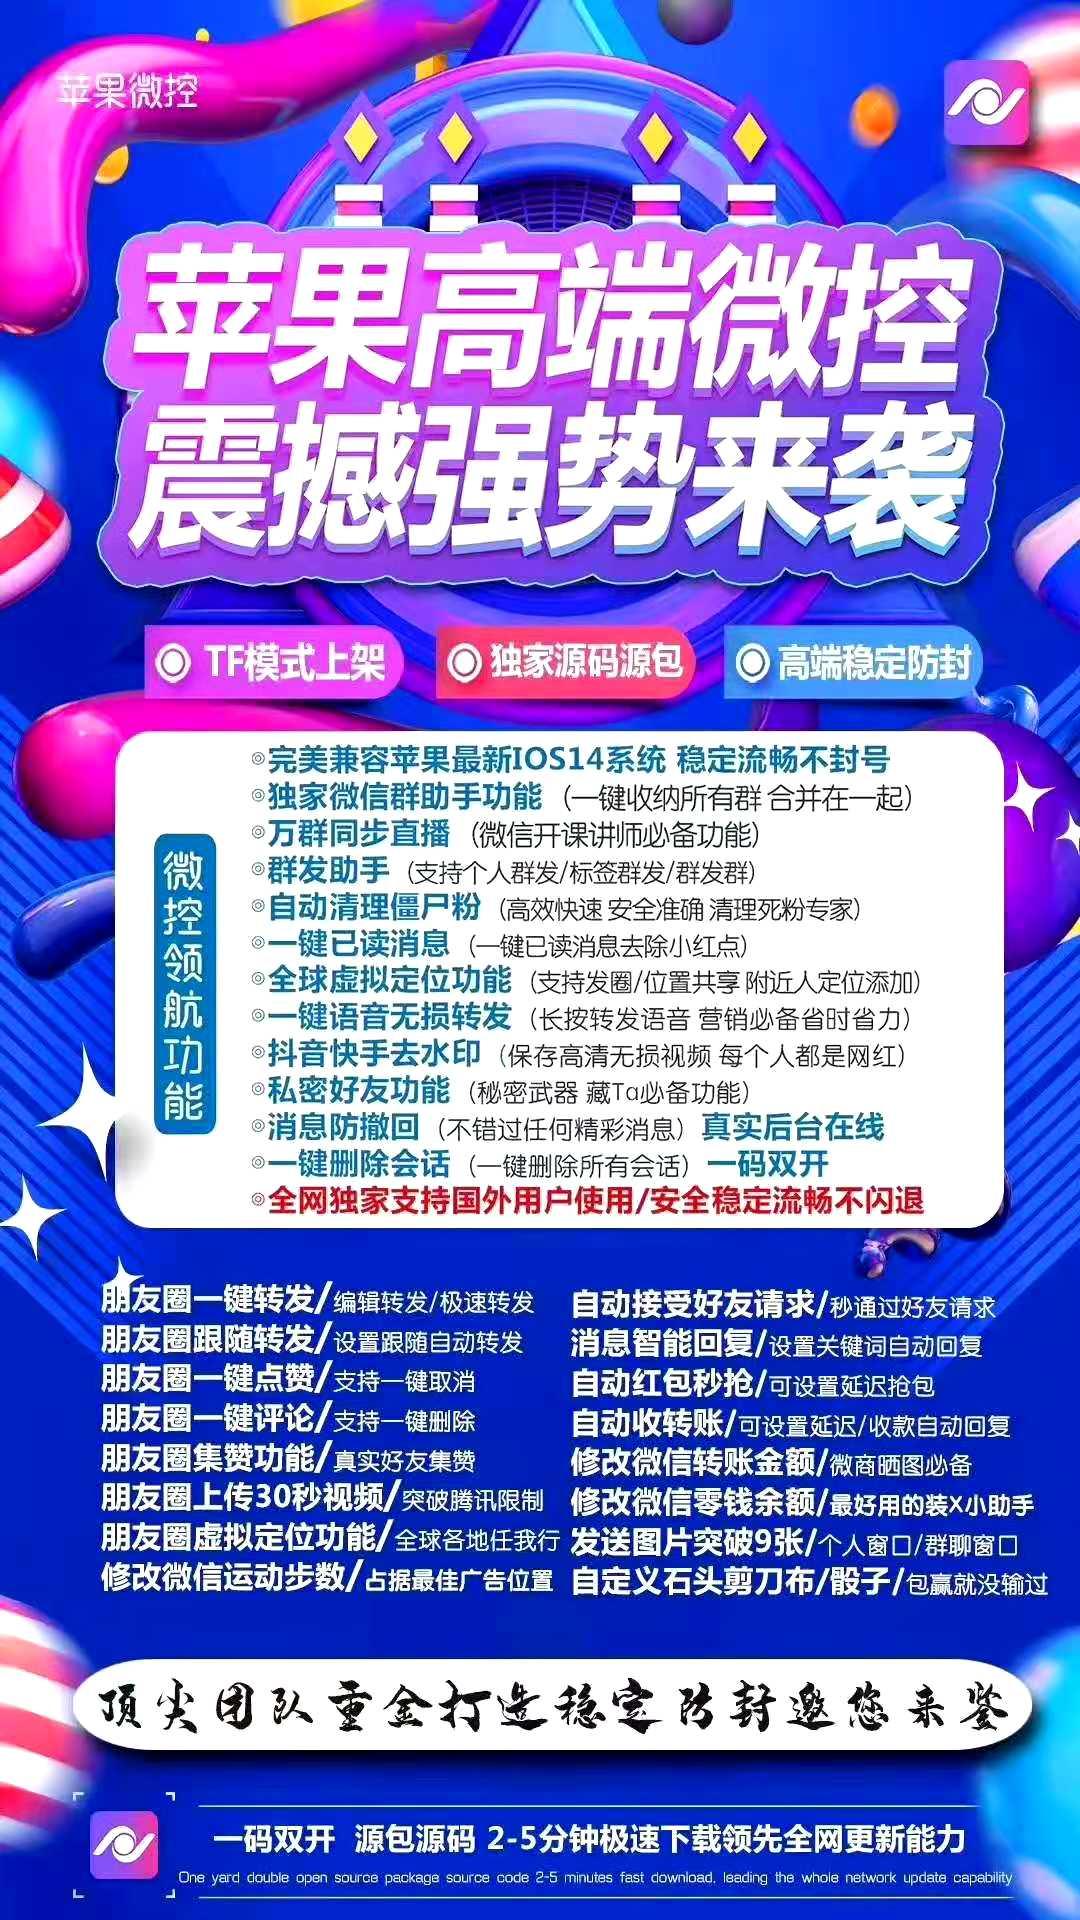 【苹果微控福利码】一码双开/超强防封/高端产品/新年送福